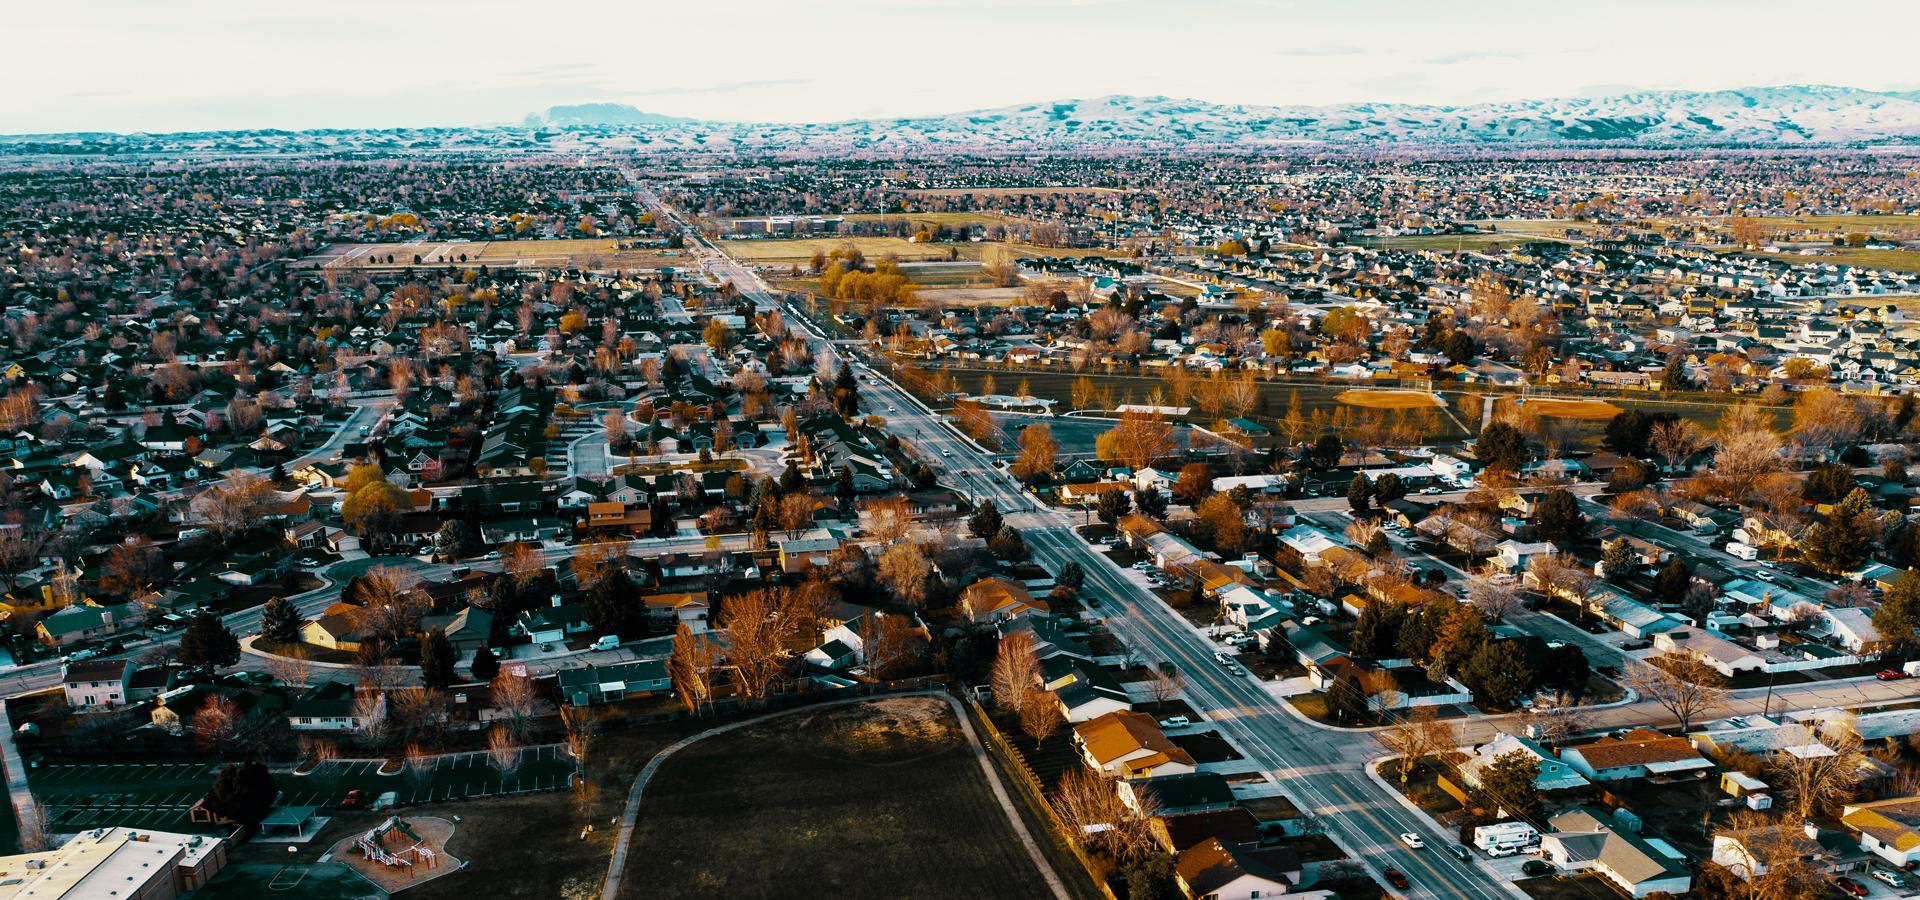 <b>America/Boise/Idaho</b>